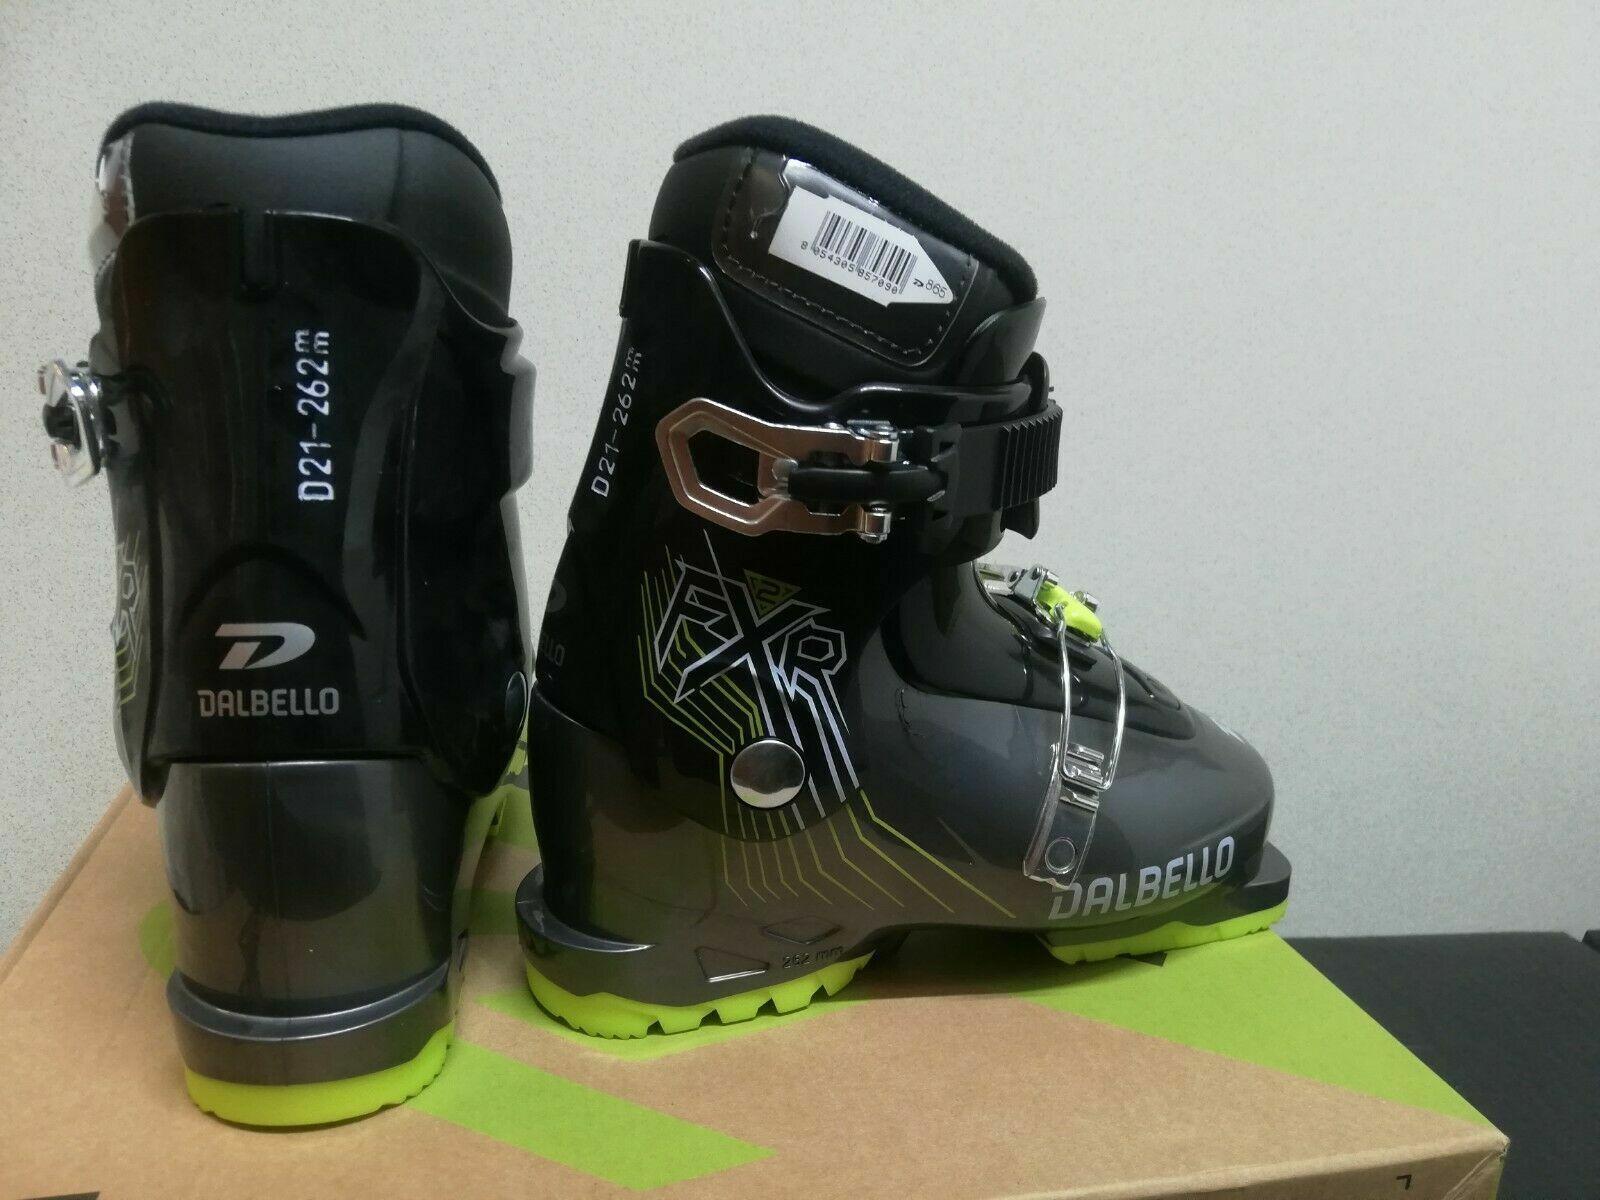 Dalbello FXR 2.0 Ski Stiefel (UK 2; EU 33; Mondo 215)  BRAND NEW IN A BOX